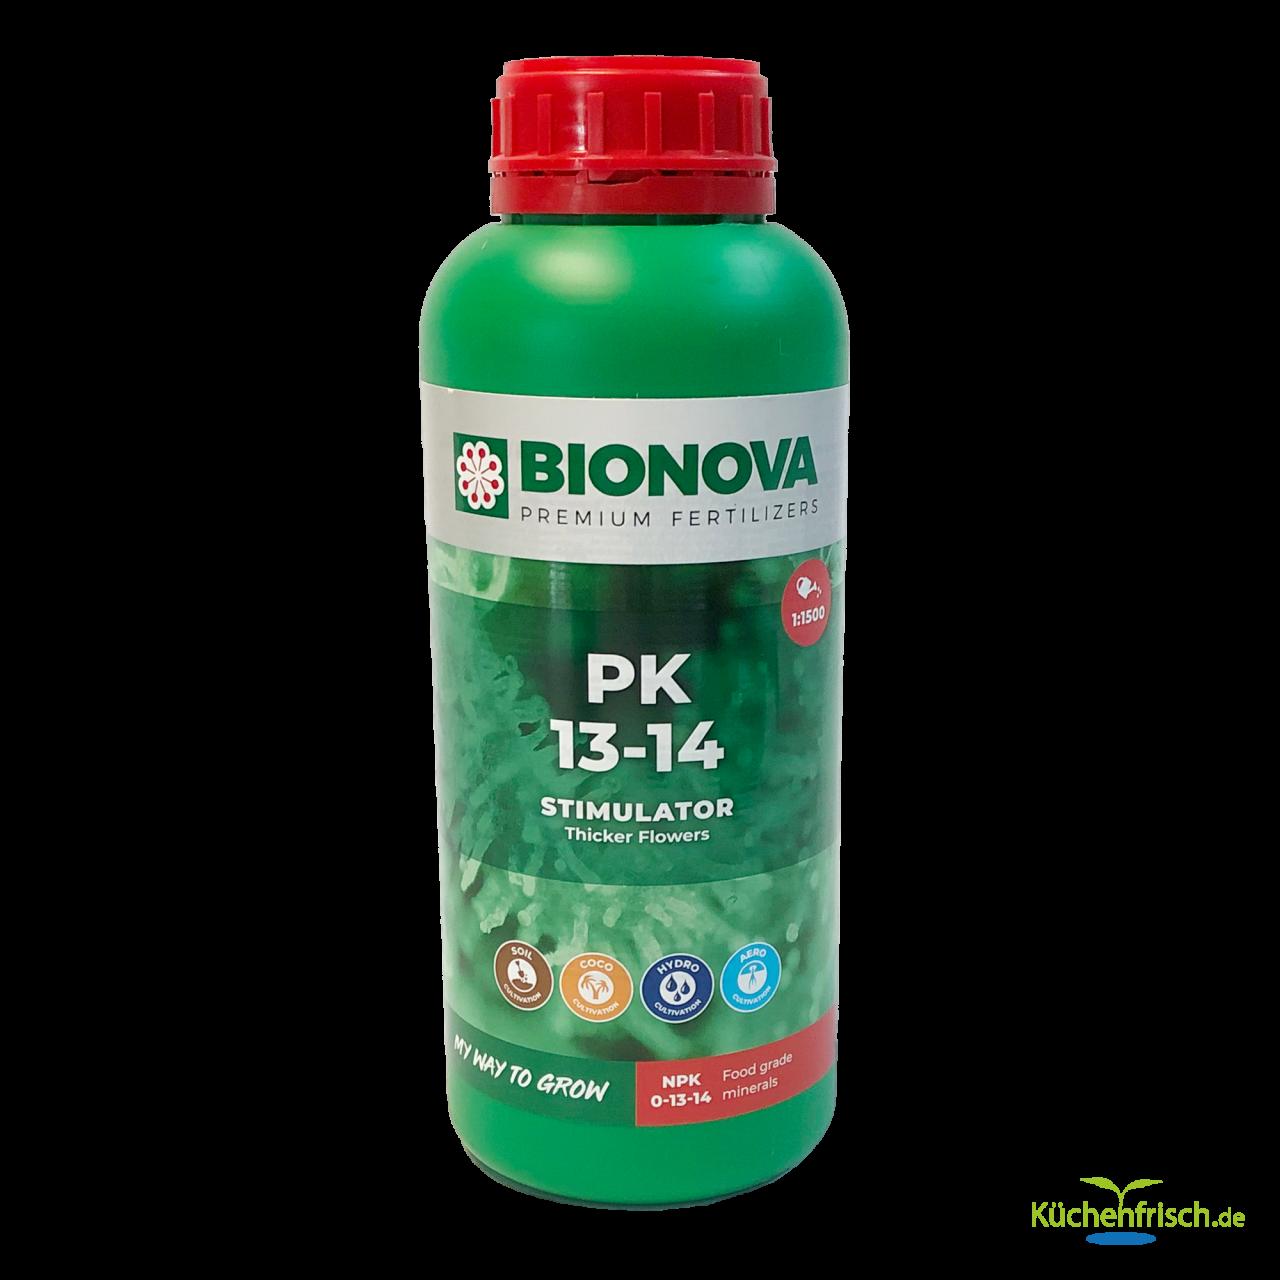 BIONOVA PK 13-14 Stimulator